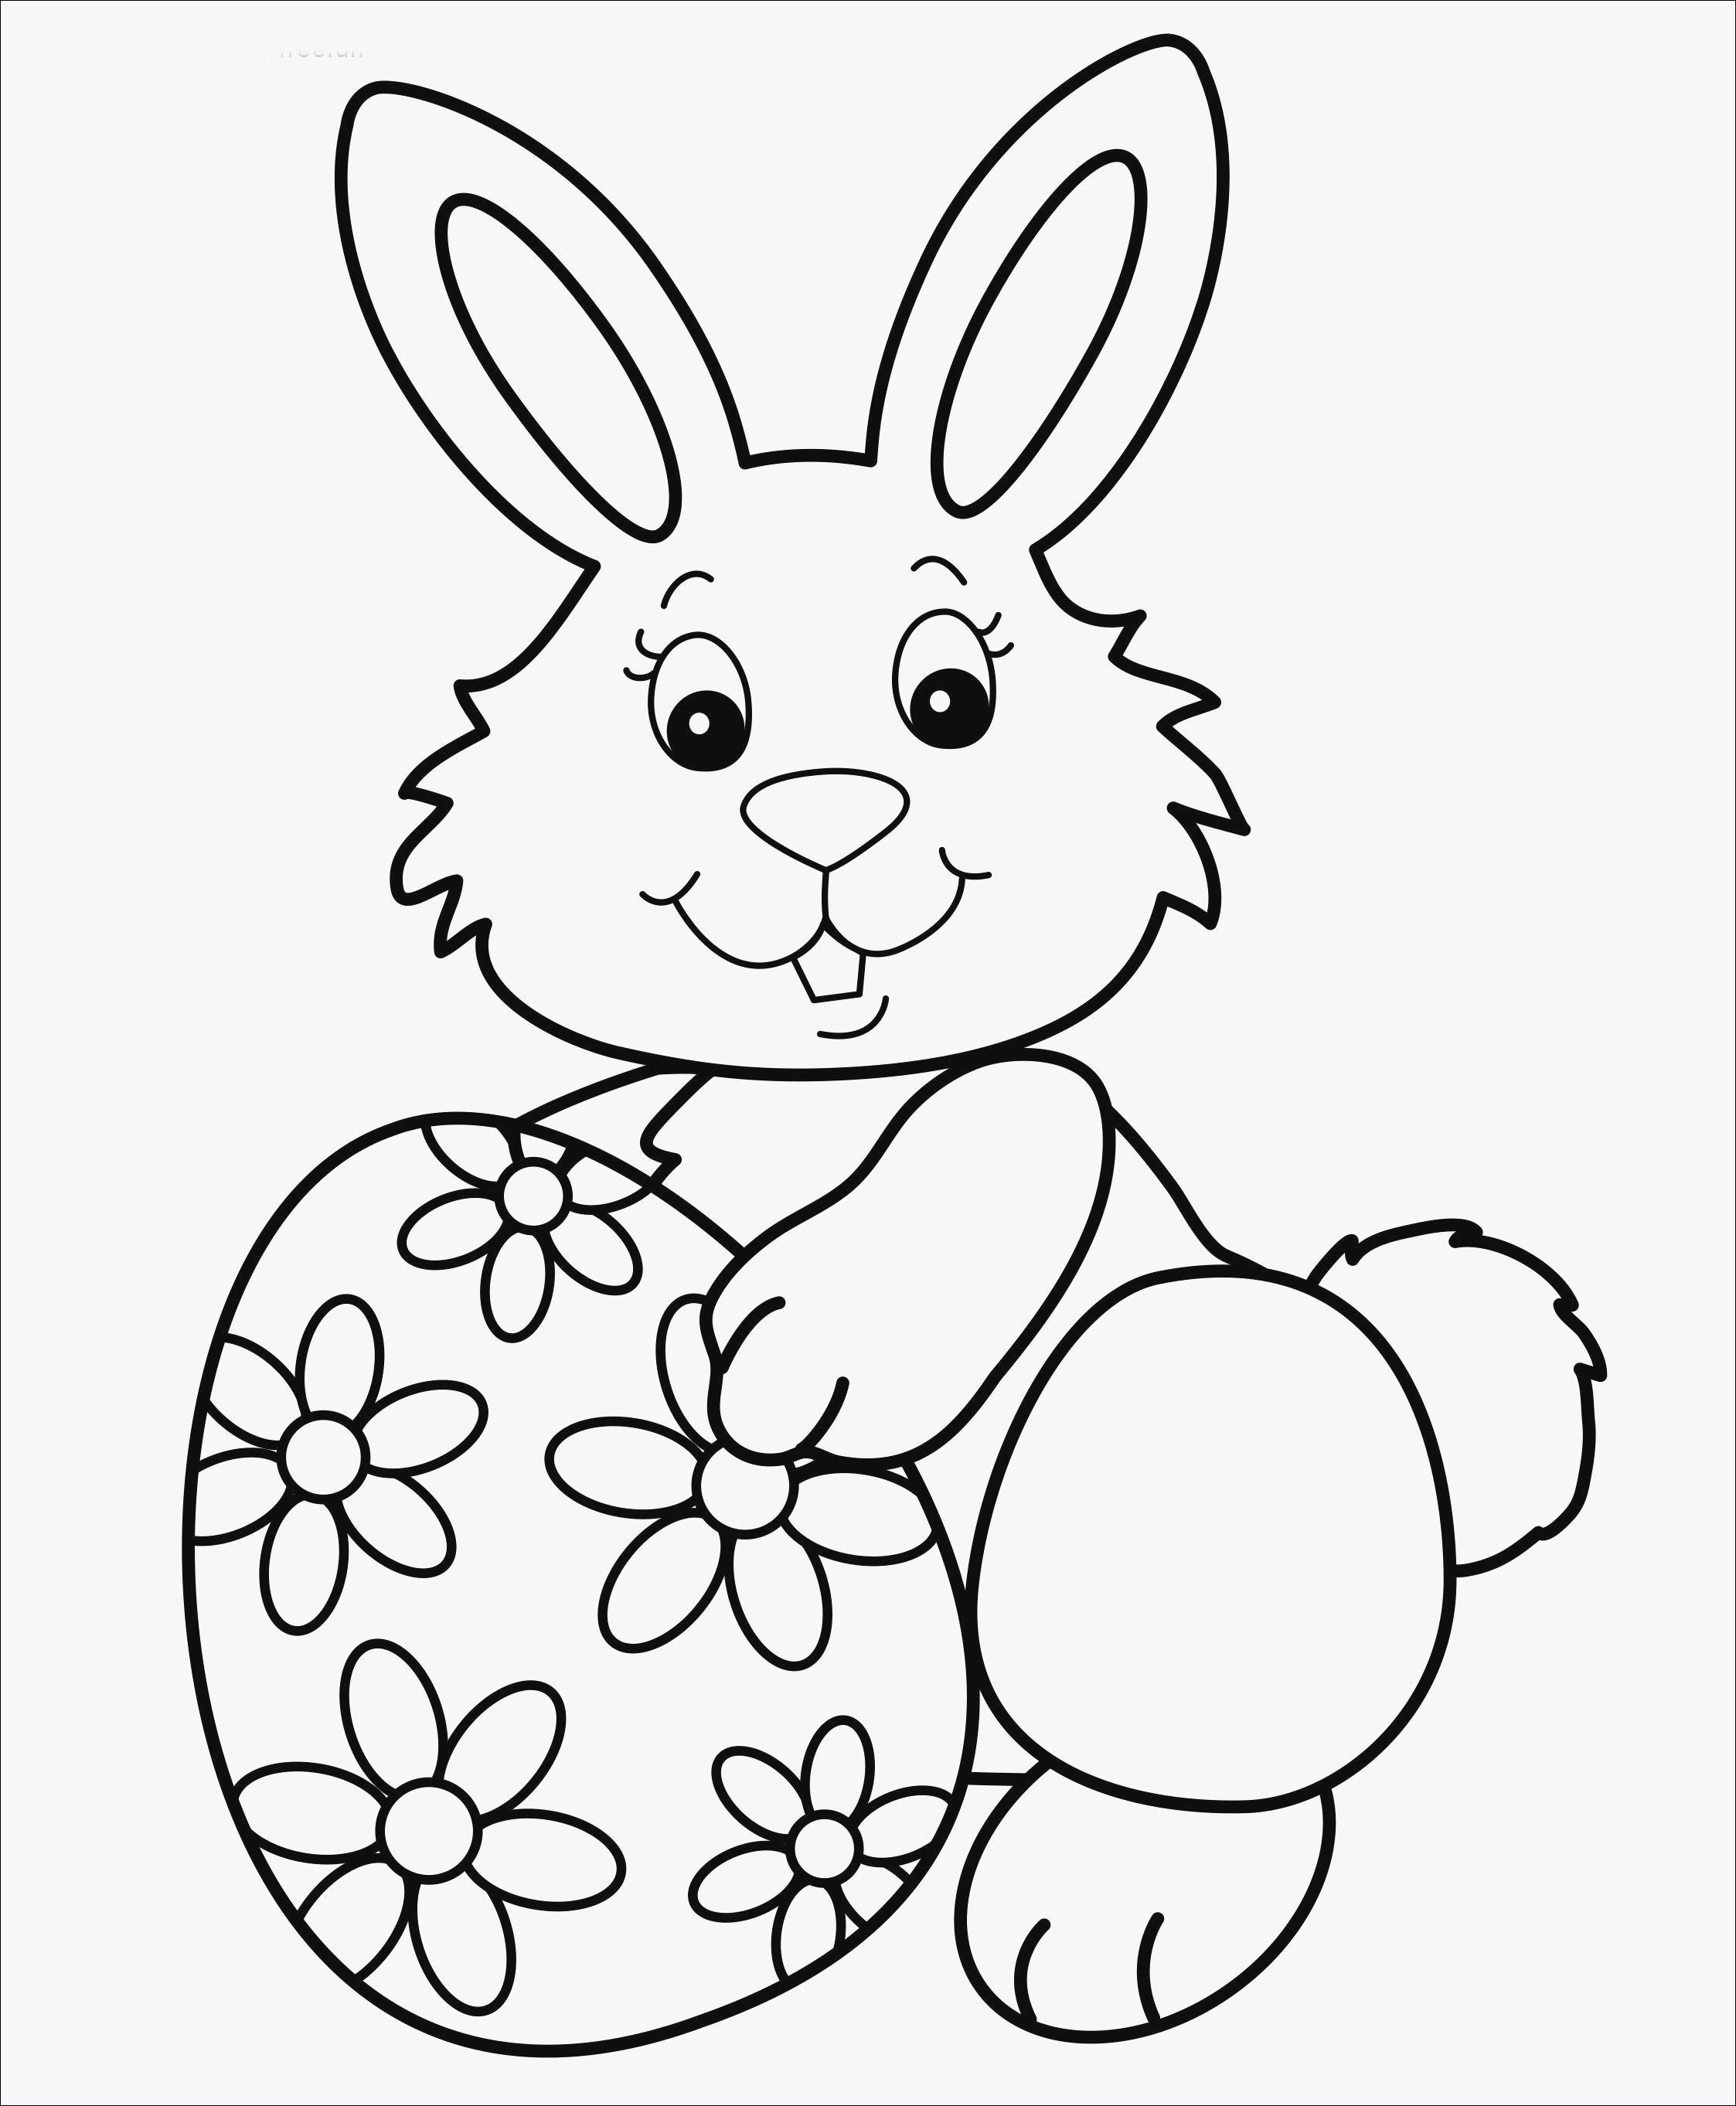 Einzigartig Hase Zum Ausdrucken Farbung Malvorlagen Malvorlagenfurkinder Osterhase Malen Ostern Hasen Basteln Malvorlage Hase